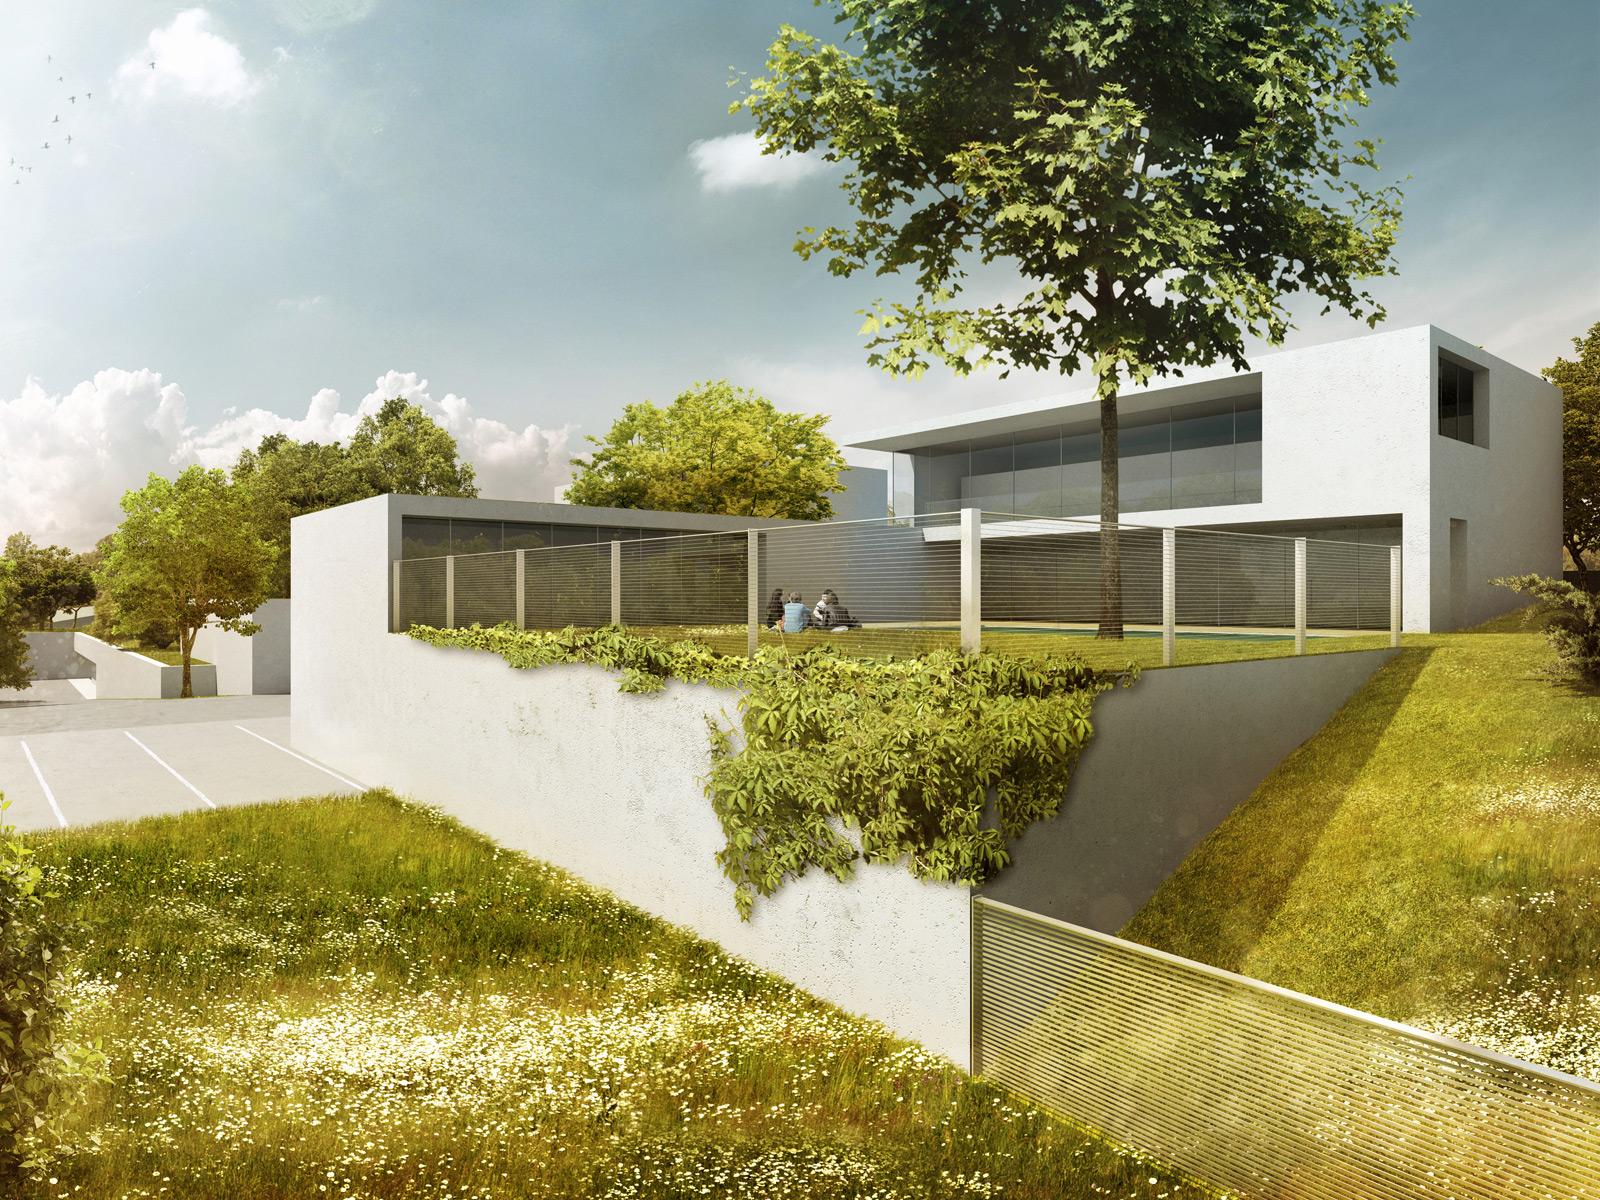 soubor staveb pro bydlení | Brno - Komín | 03